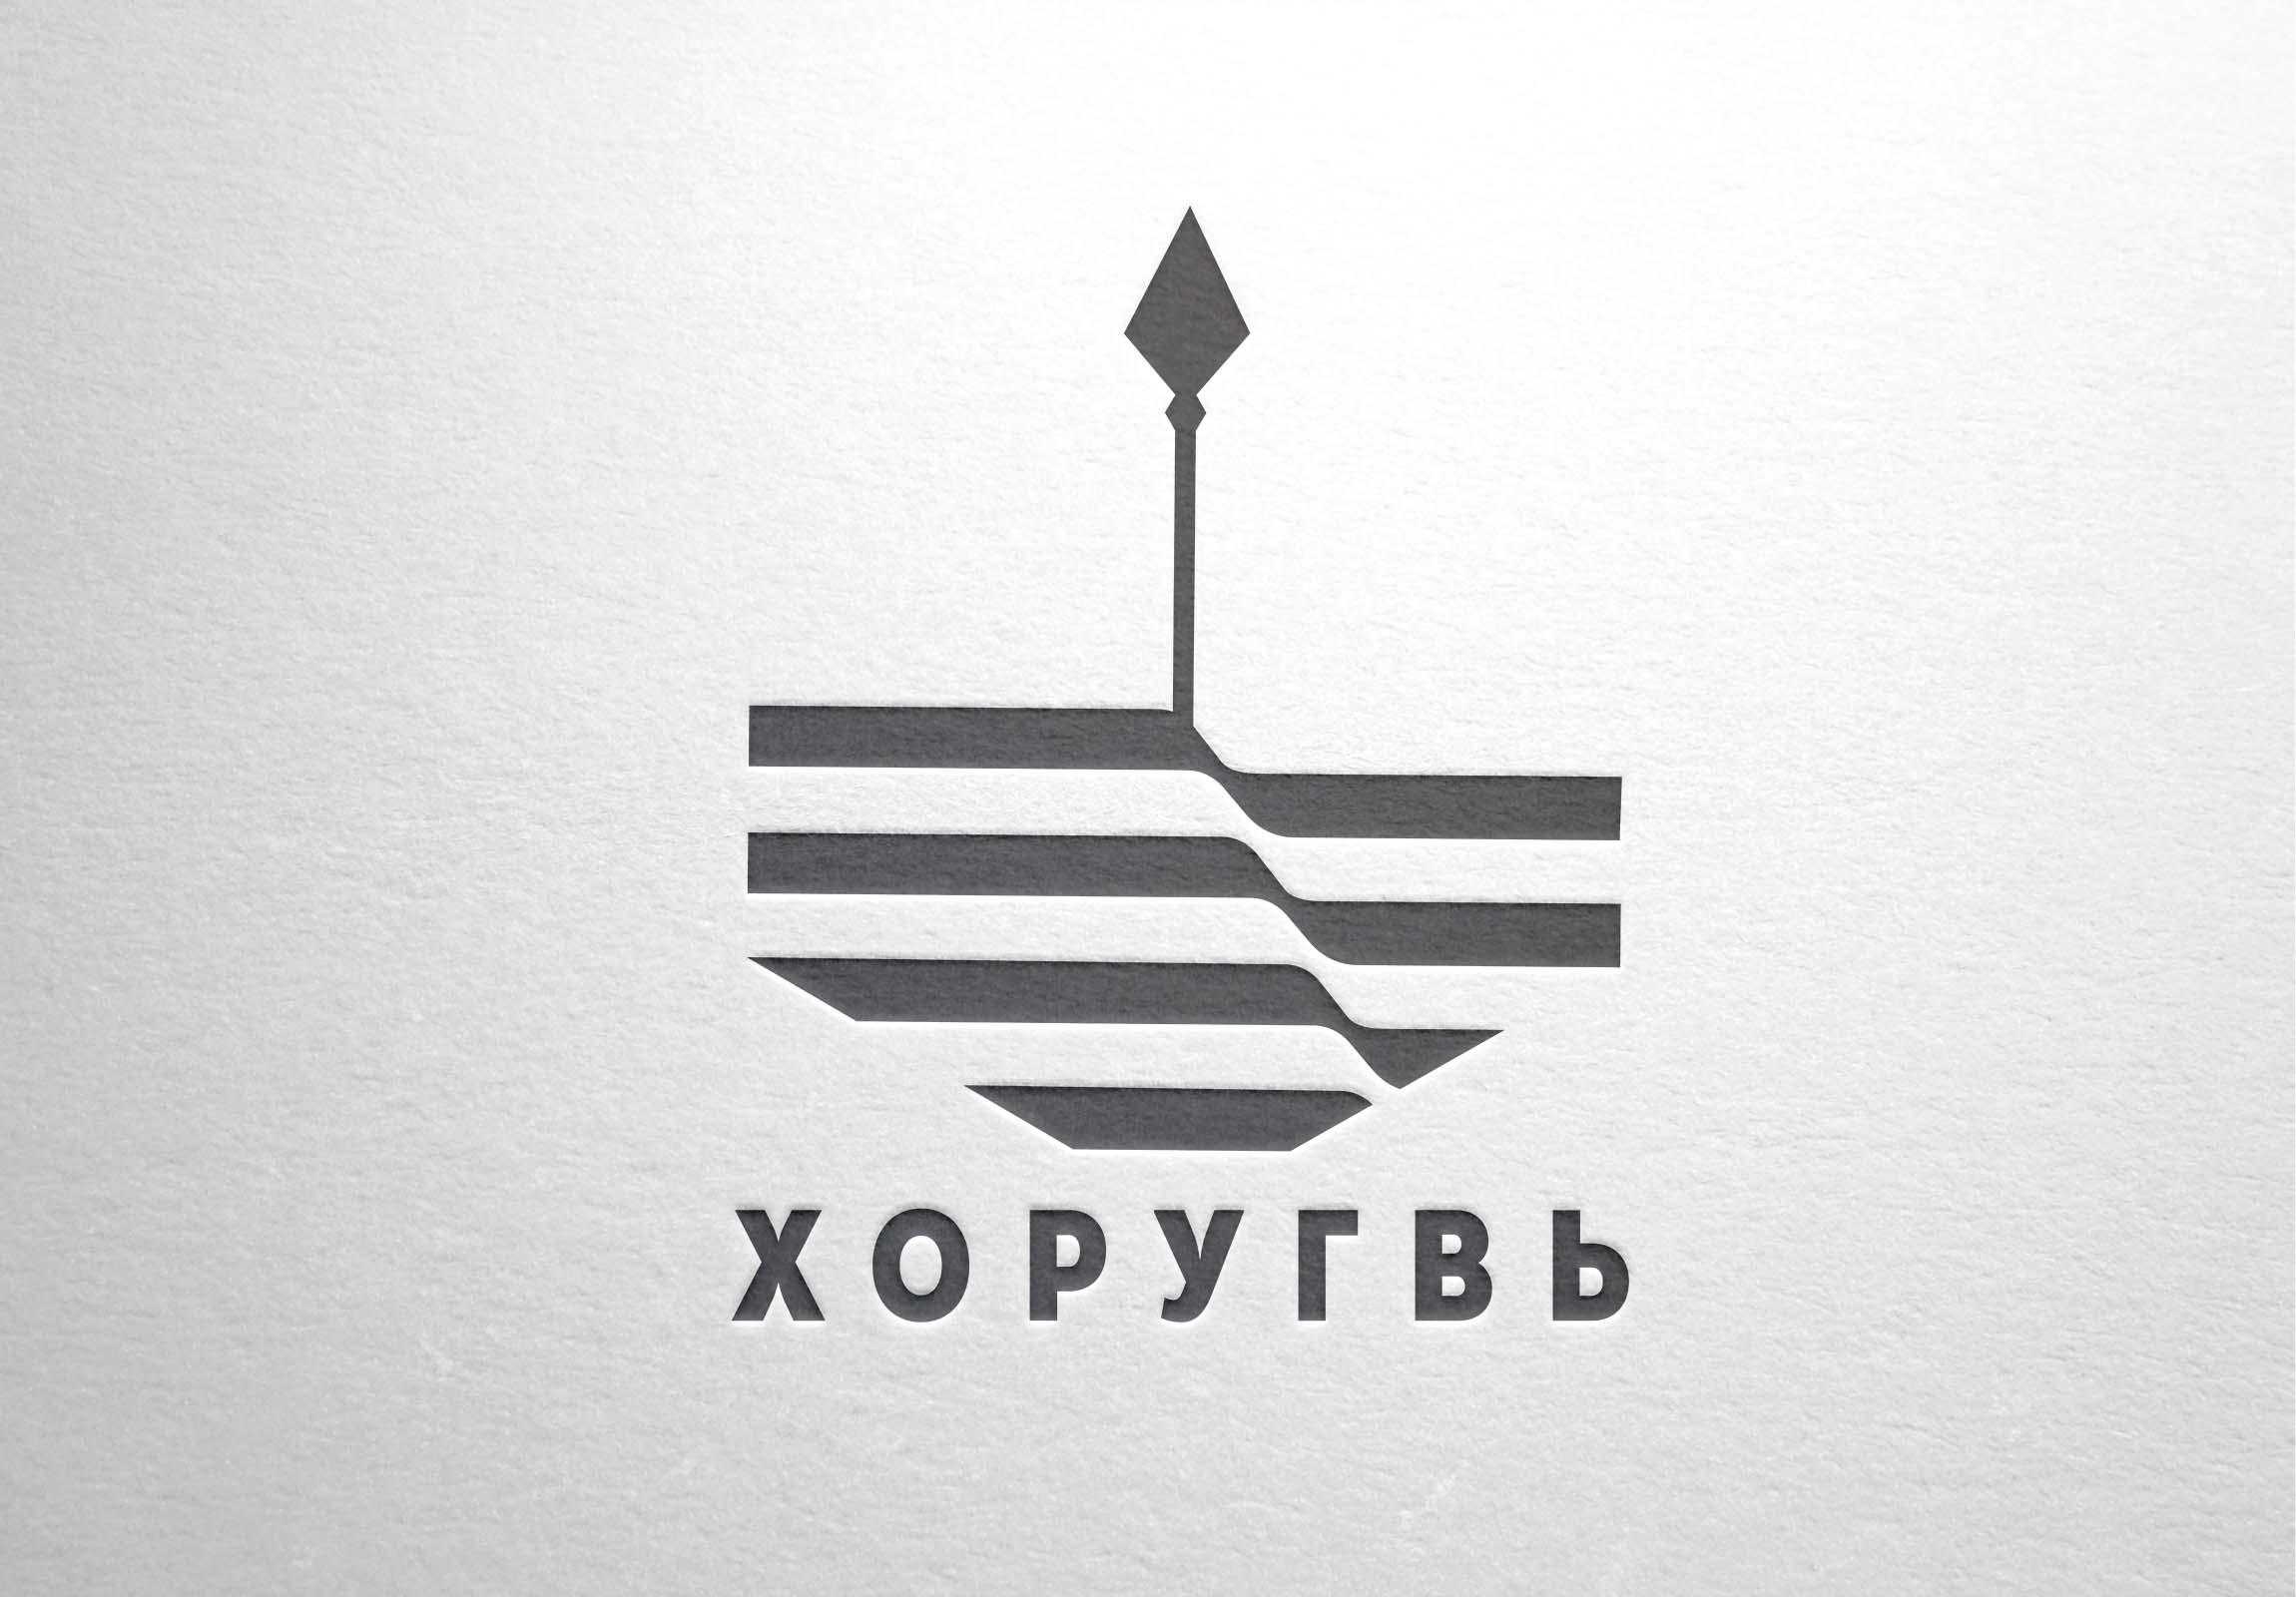 Разработка названия бренда + логотип фото f_98658ff29fcb47d1.jpg